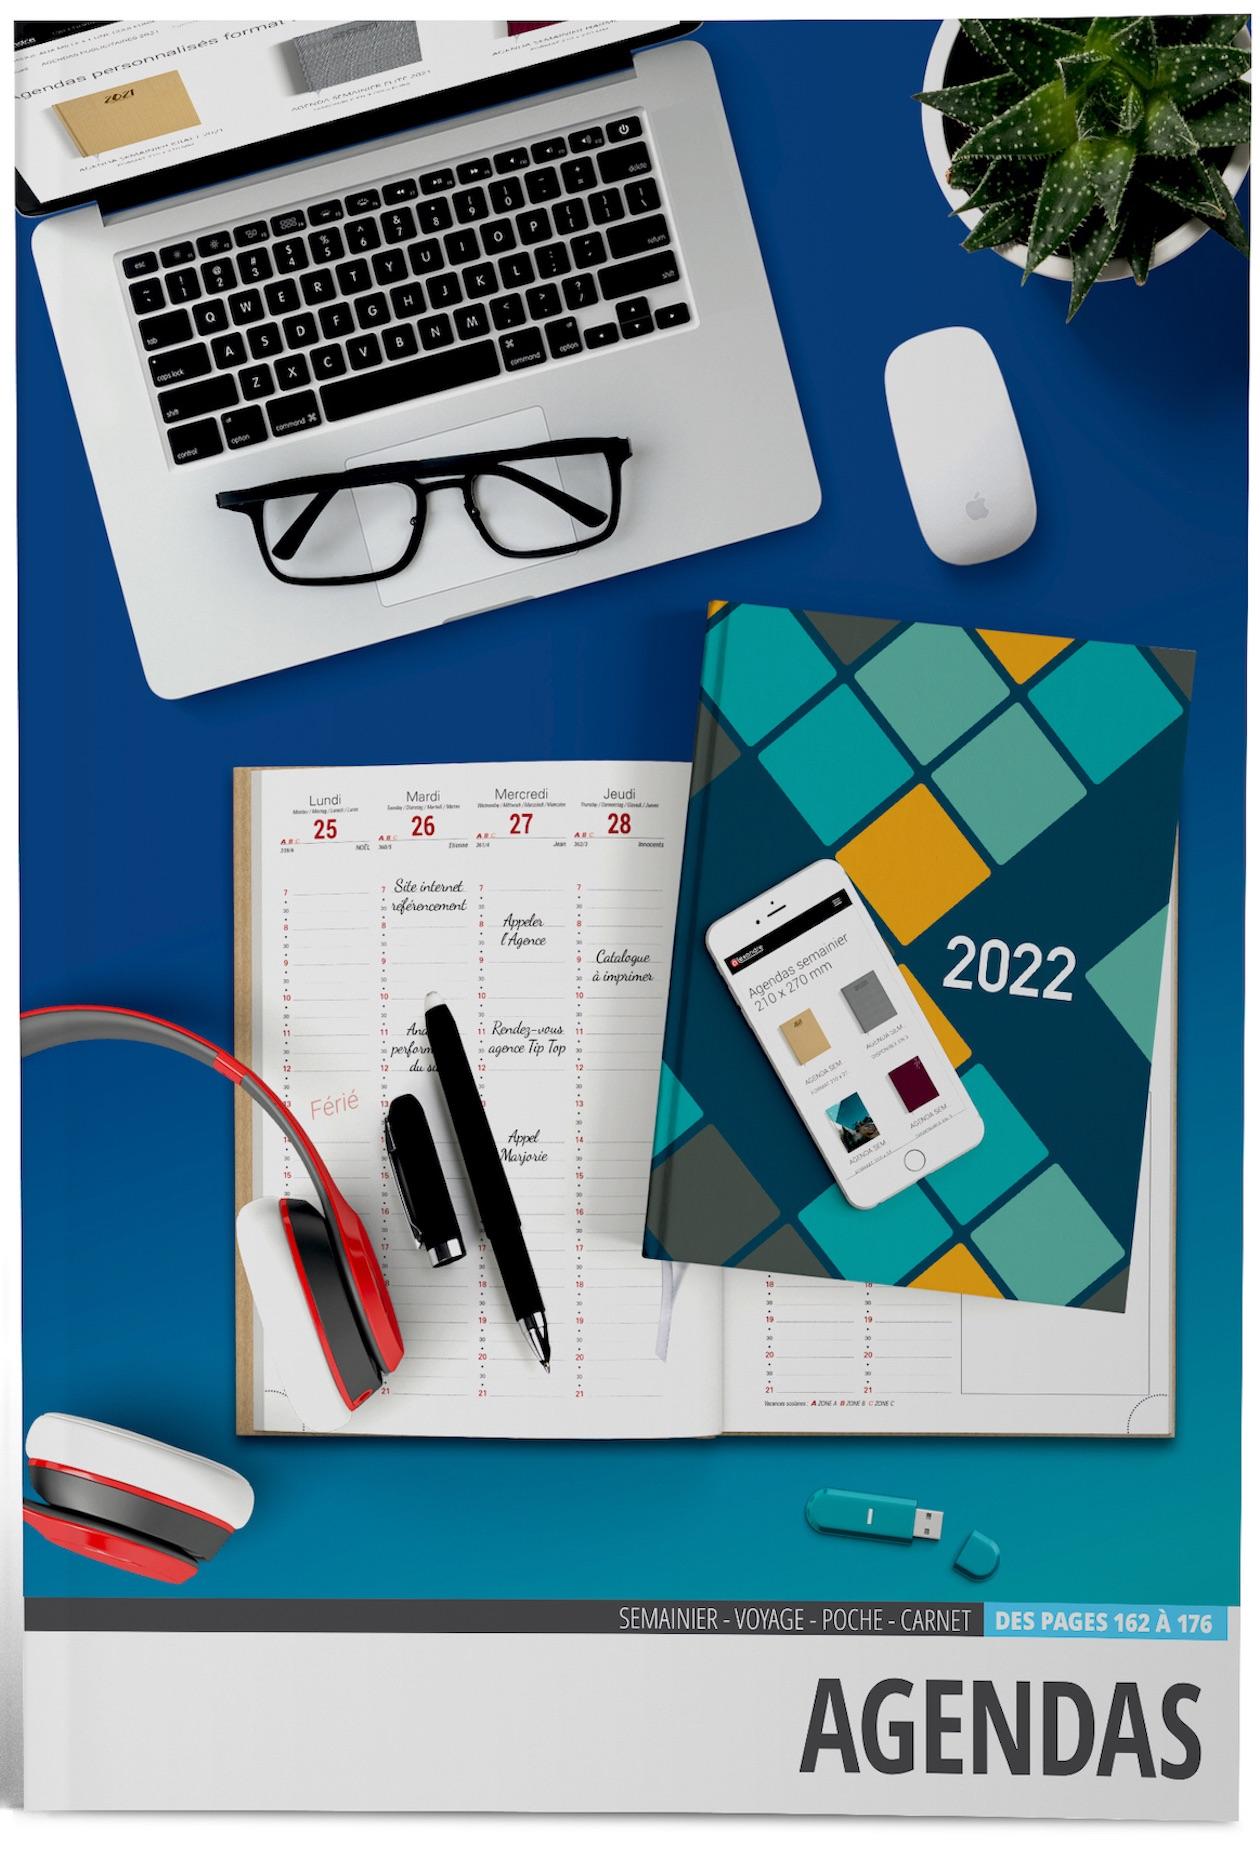 Catalogue agendas 2022